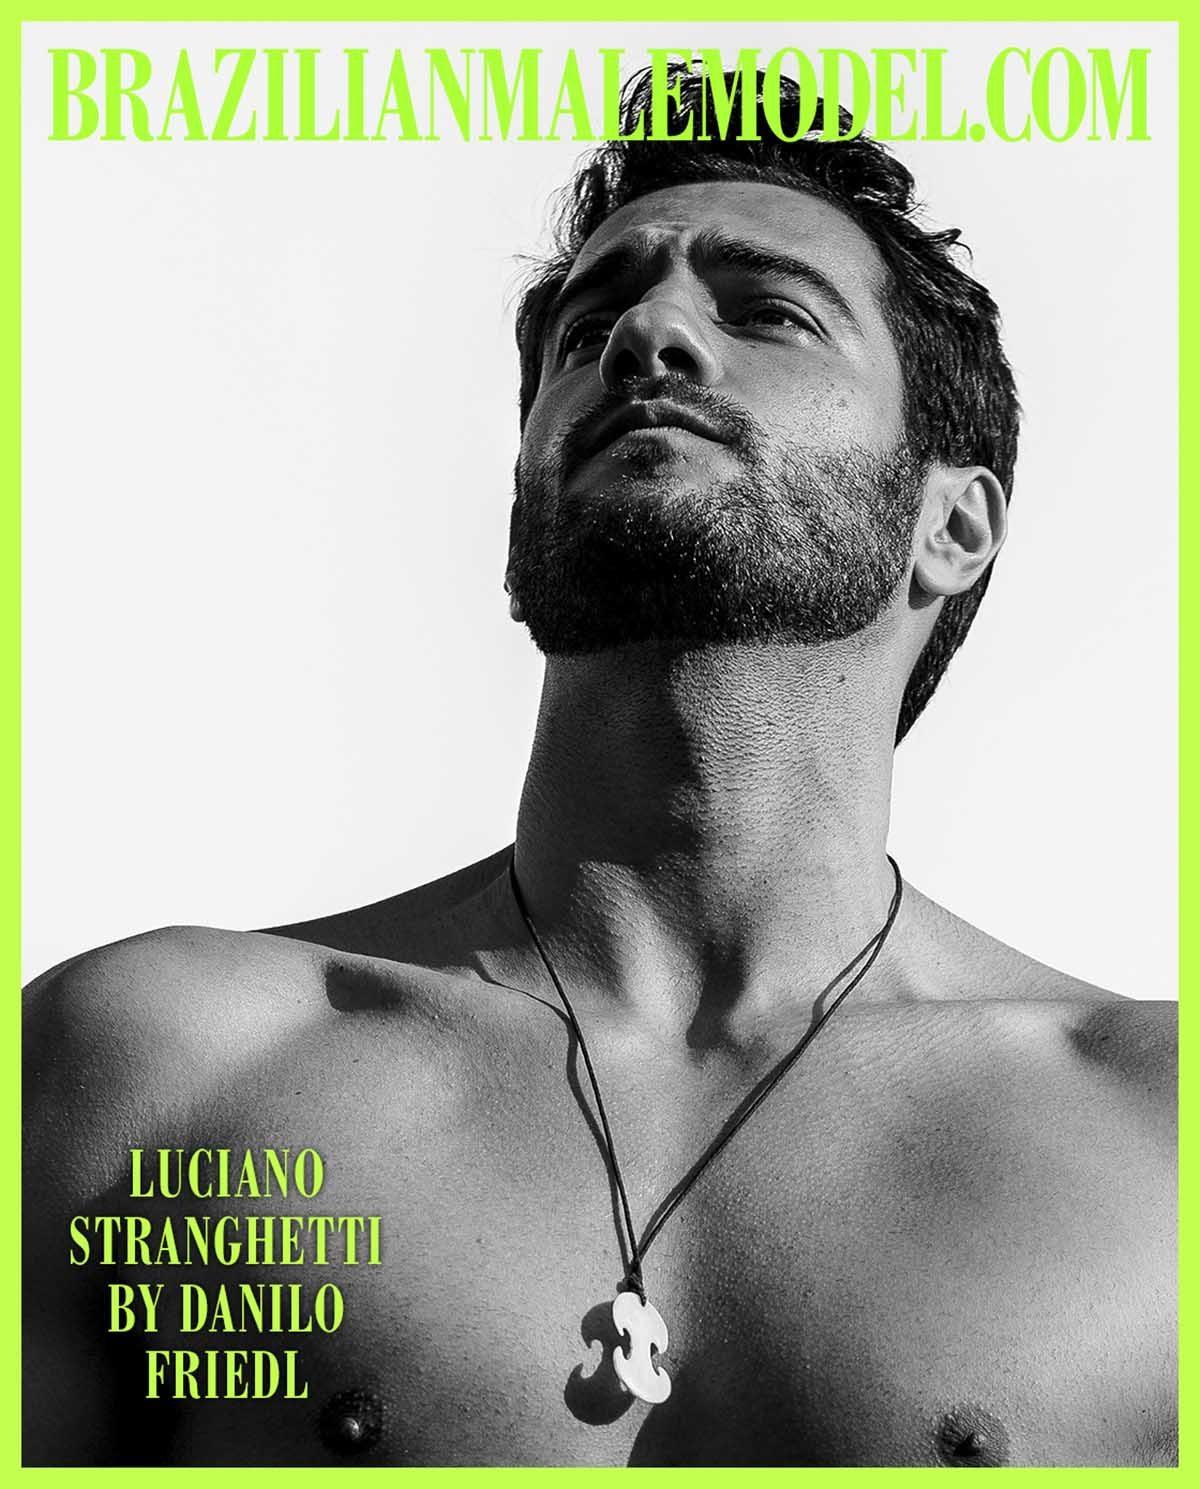 Luciano Stranghetti by Danilo Friedl